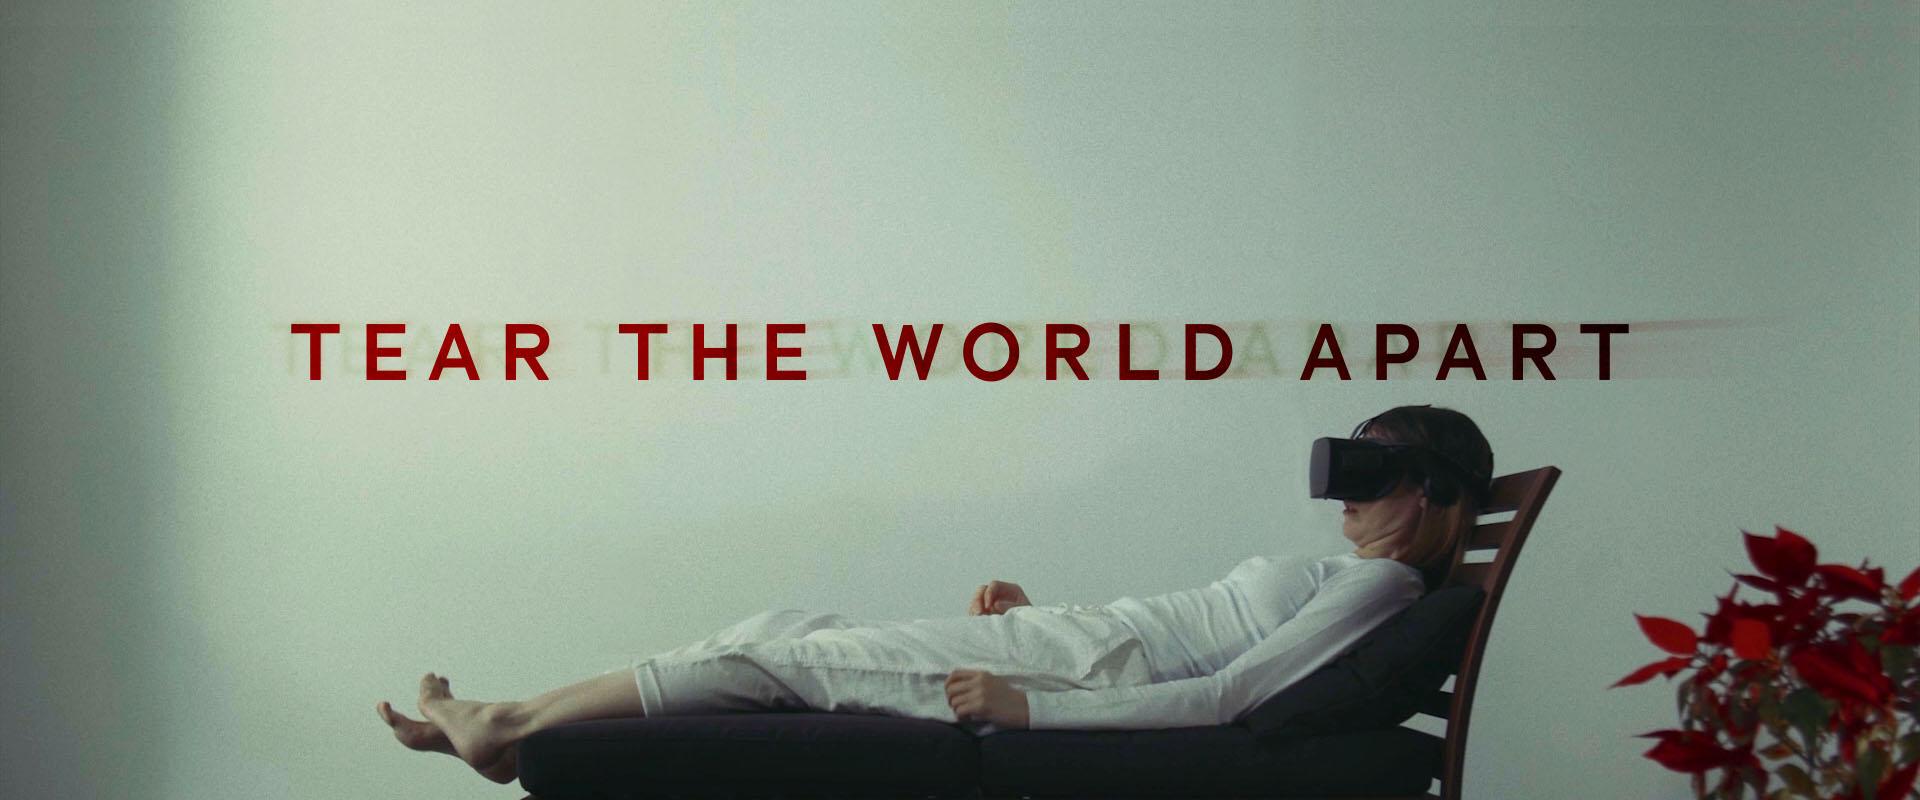 tear the world apart